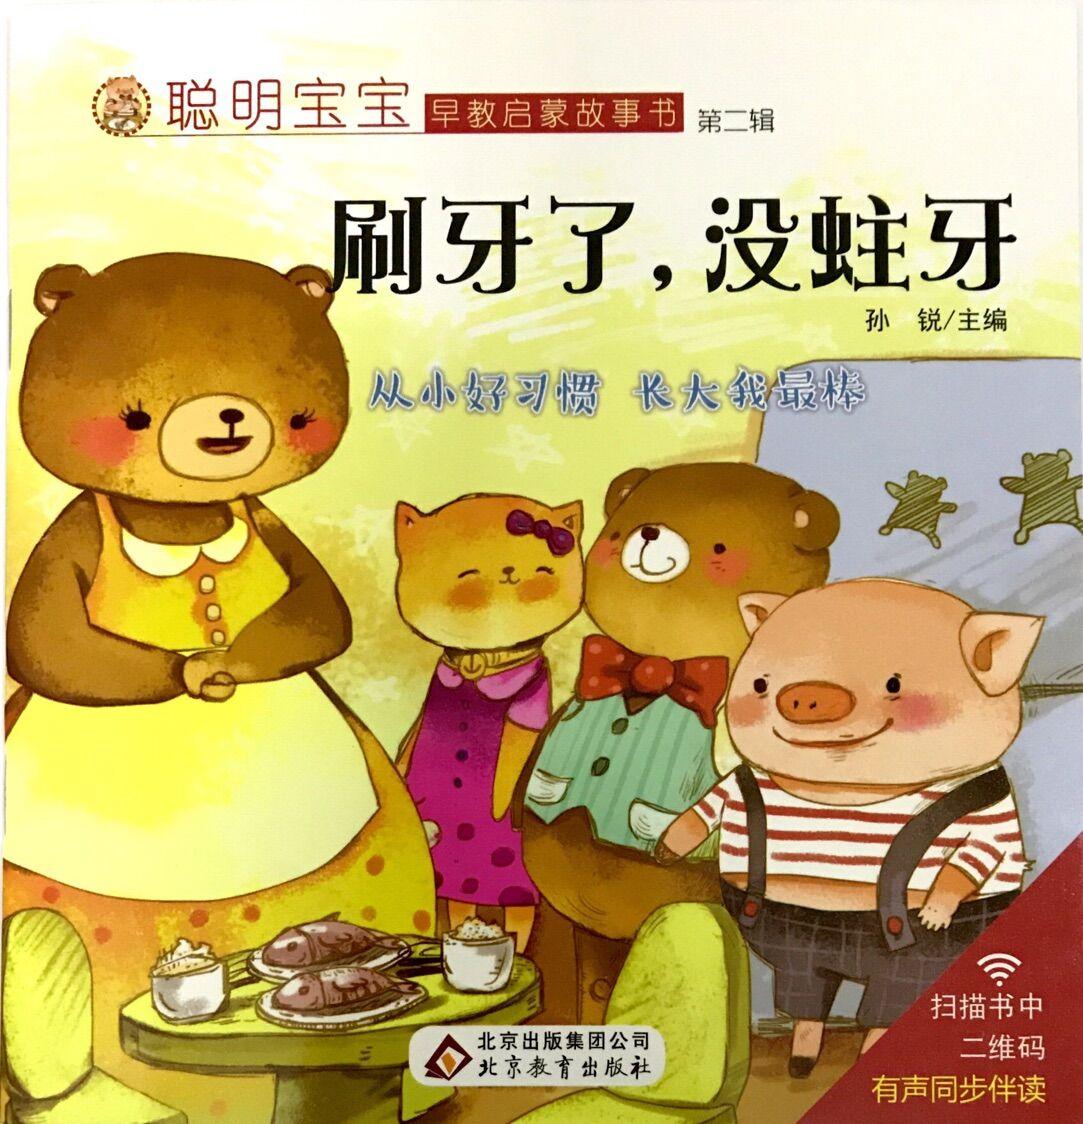 聪明宝宝早教启蒙故事书第二辑:刷牙了,没蛀牙